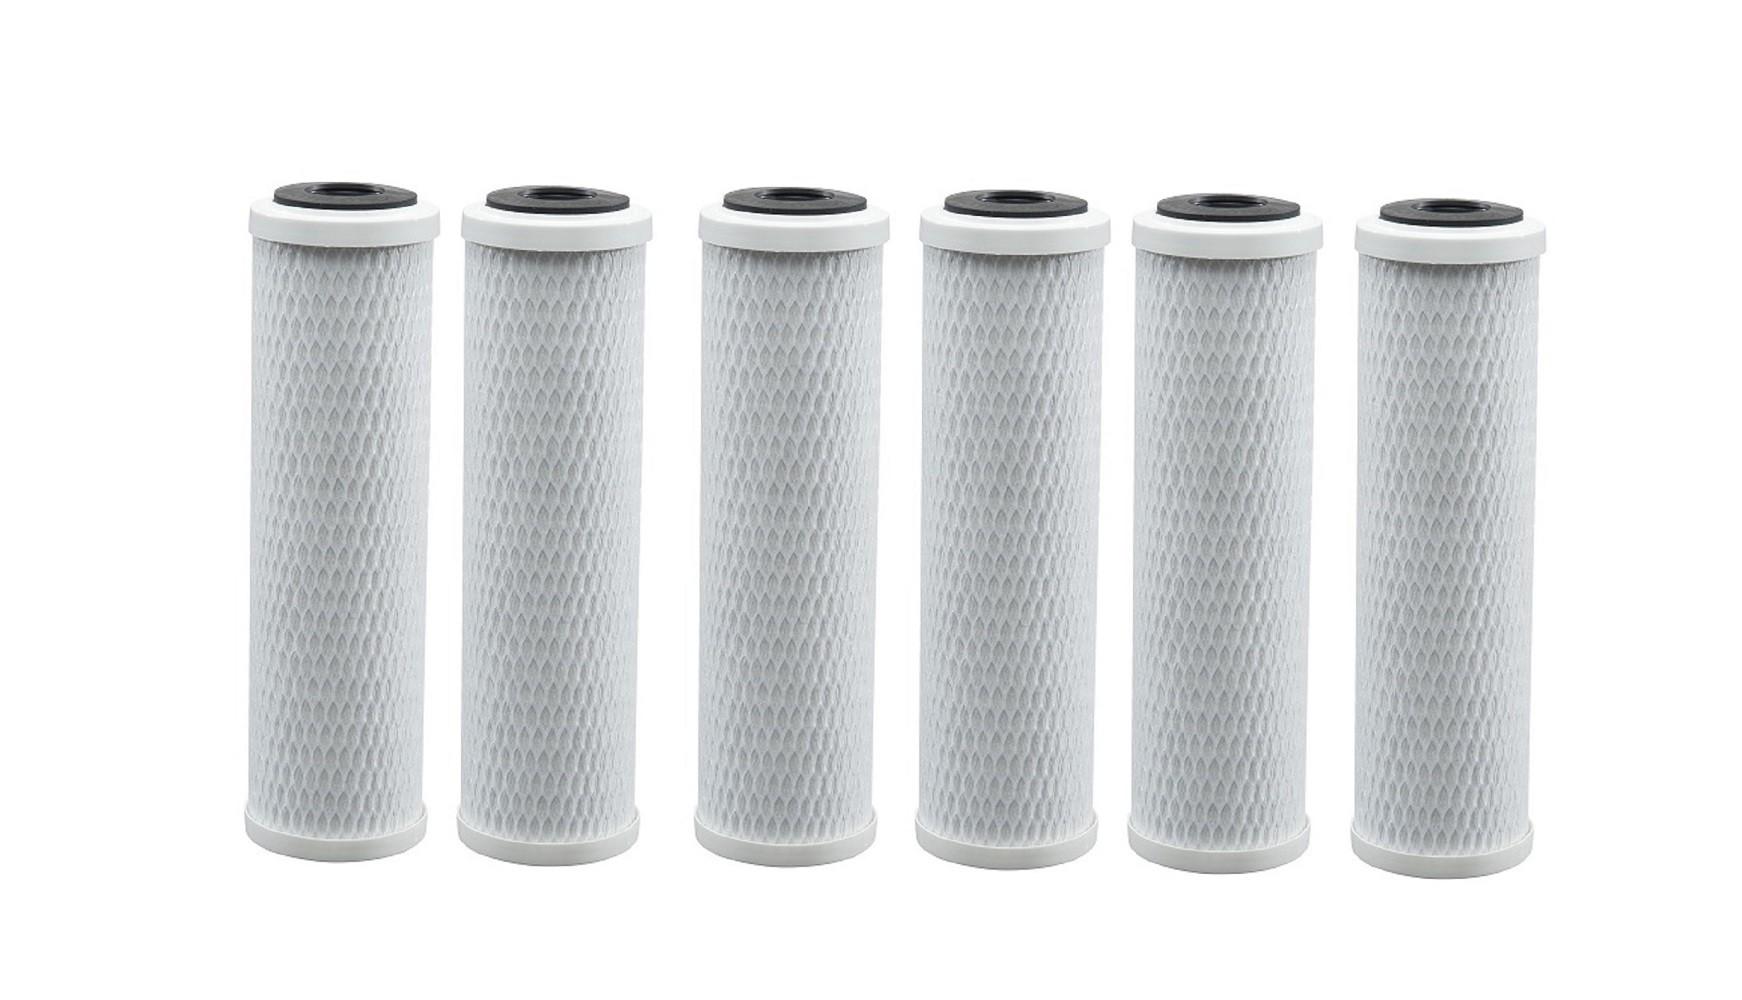 Elemento Filtrante Carvão Ativado/Carbon Block 10 x 2,5 5 Micras - Pacote com 06 unidades